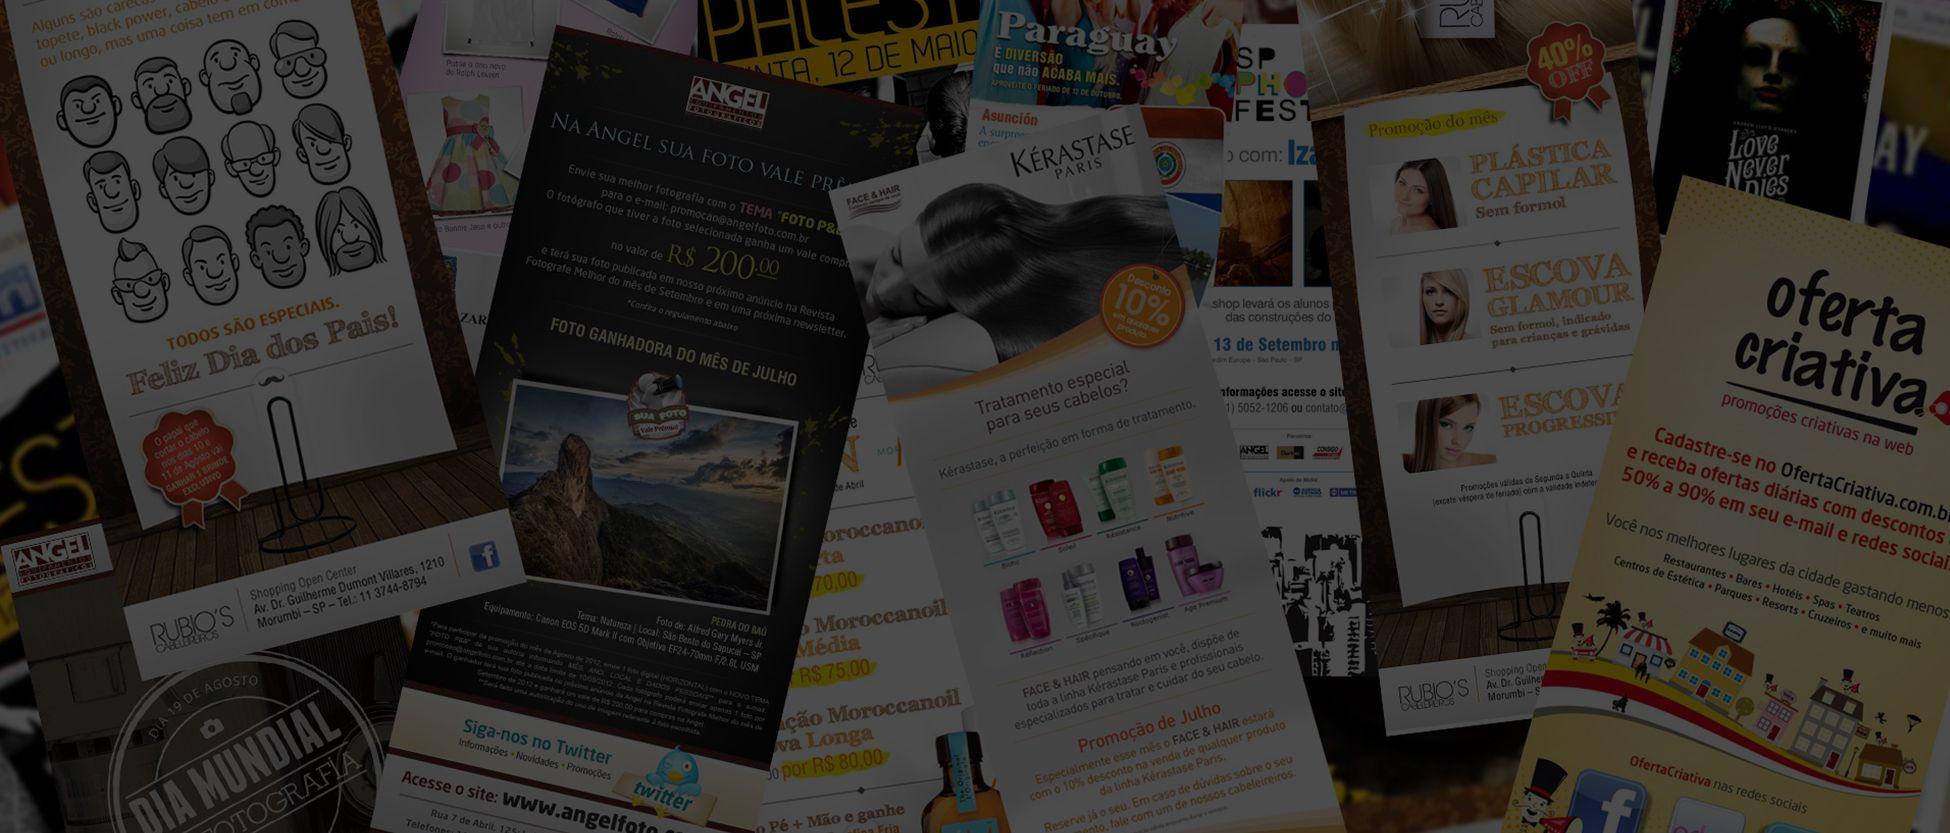 email-marketing-newsletter-cabeca-criativa-comunicacao-agencia-de-publicidade